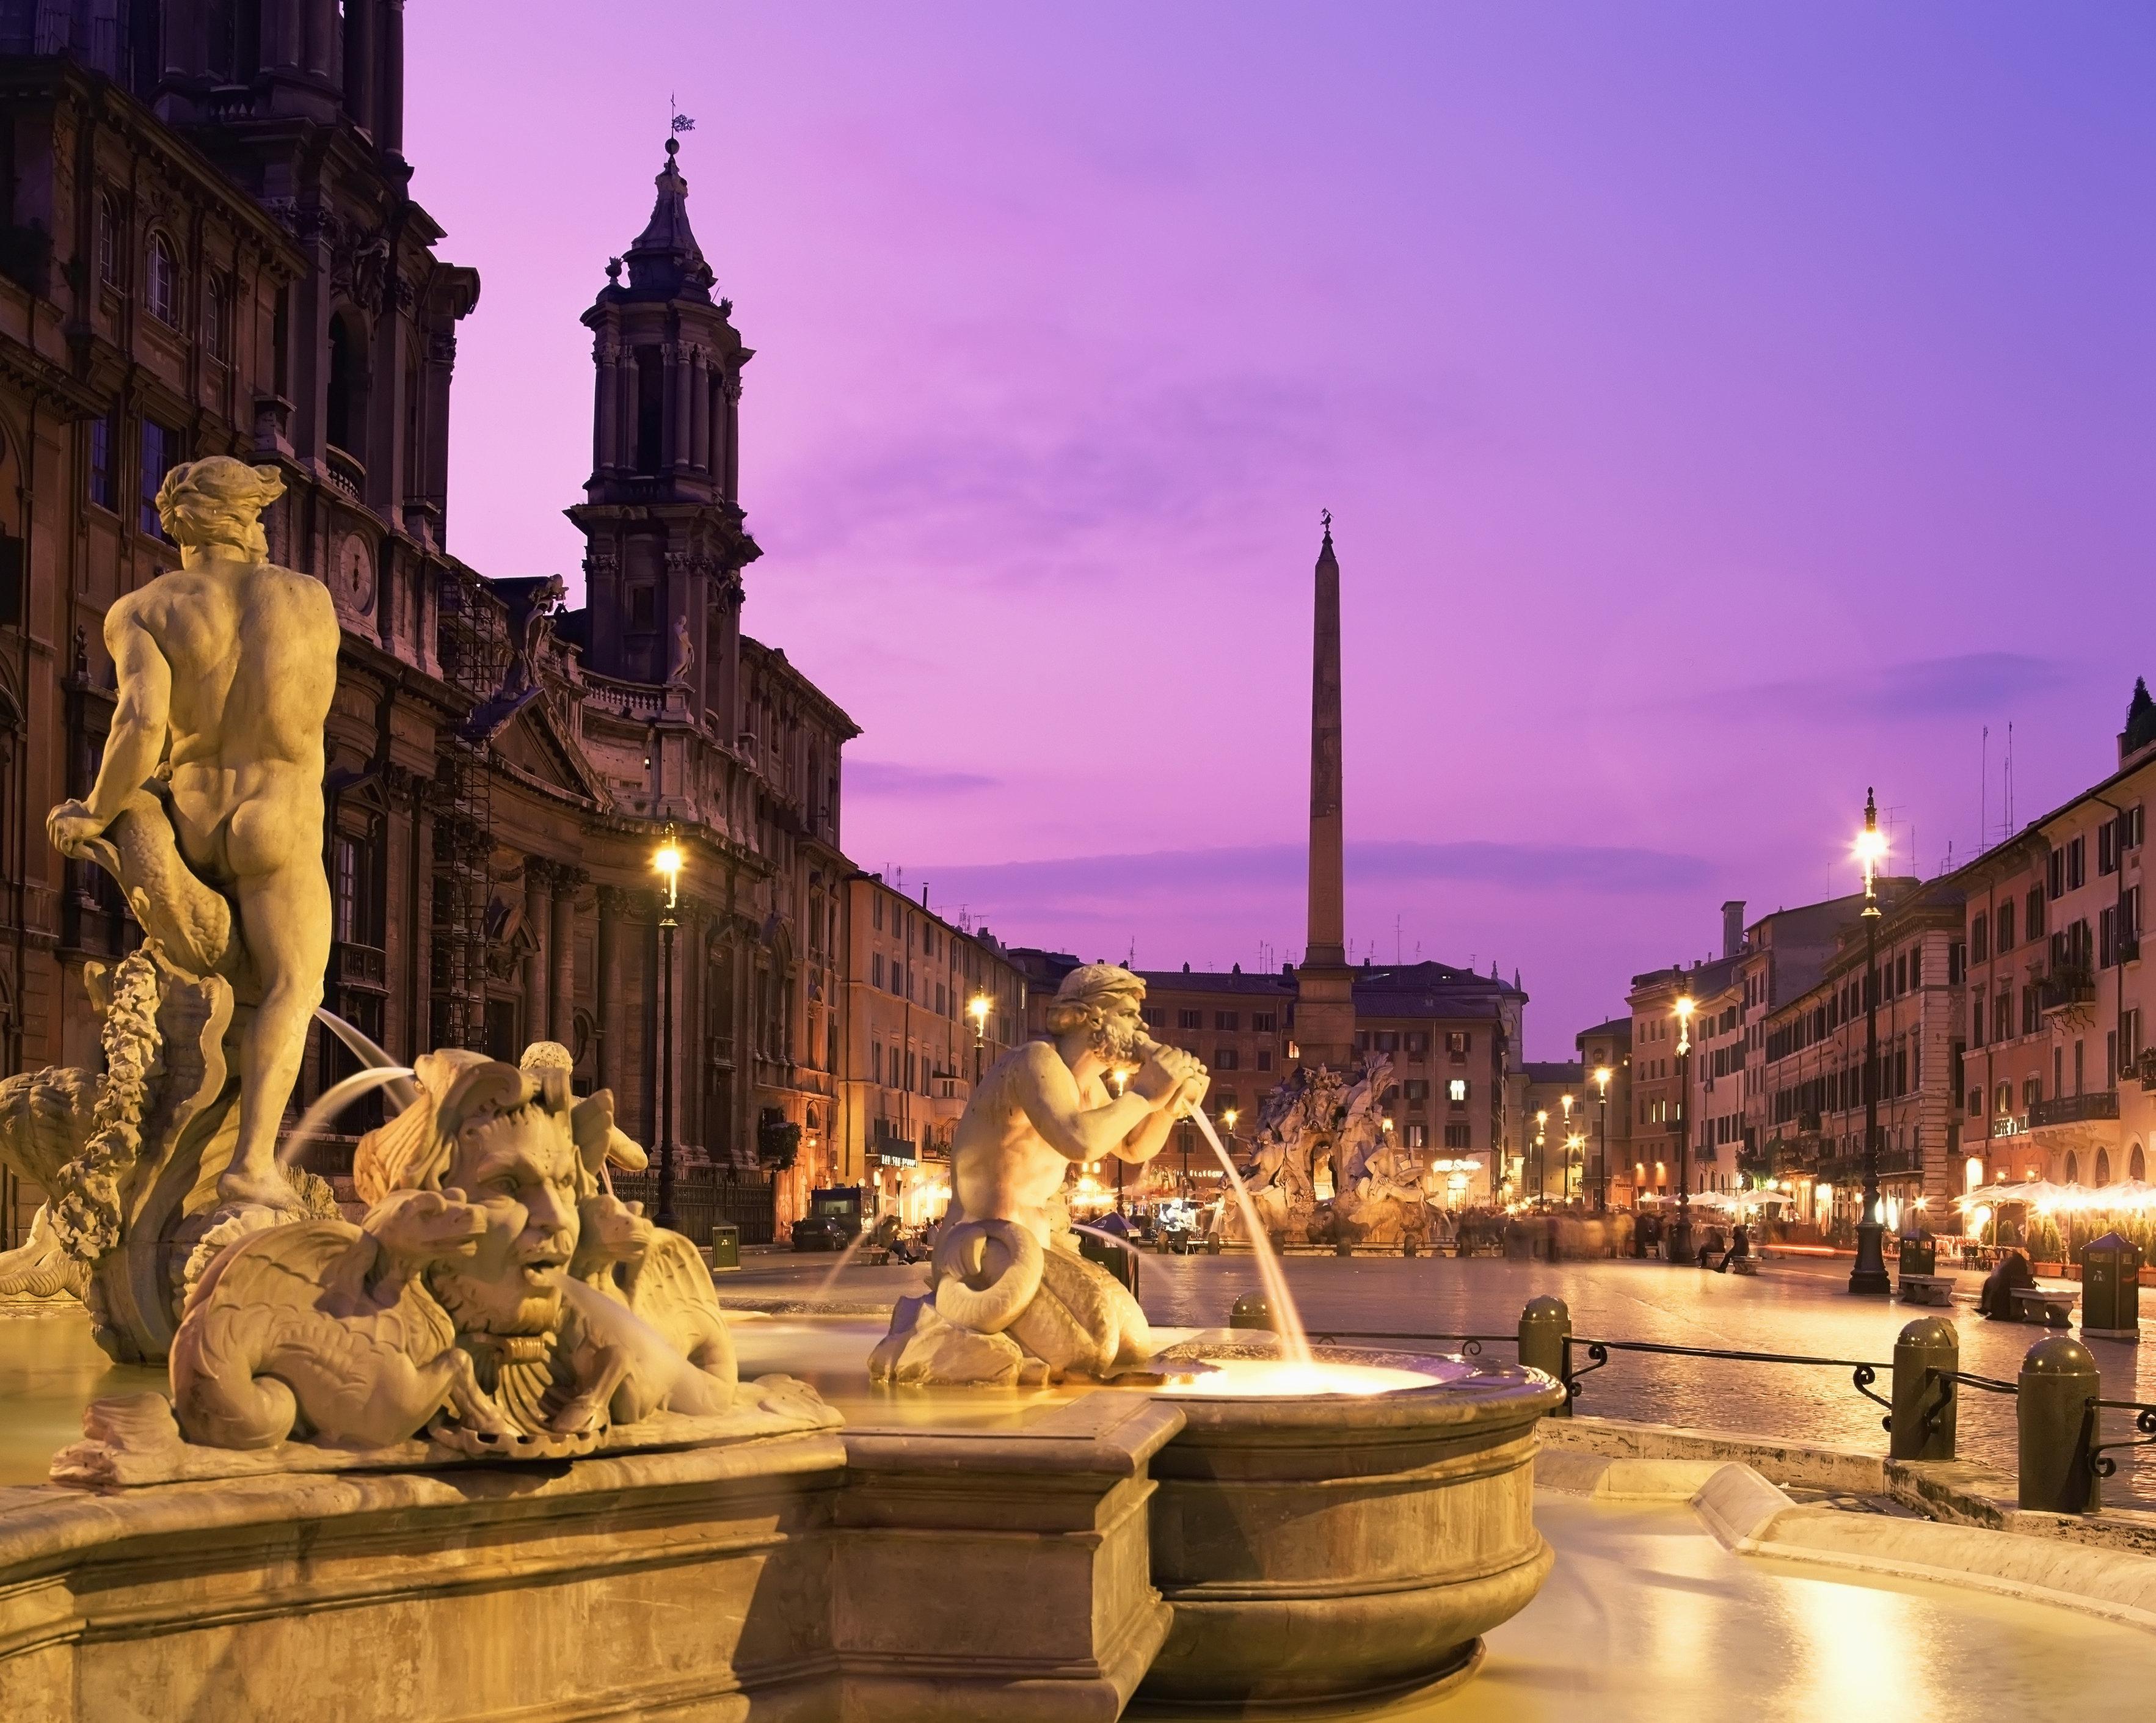 Time lapse view of ornate fountains under evening sky, Paris, Ile-de-France, France